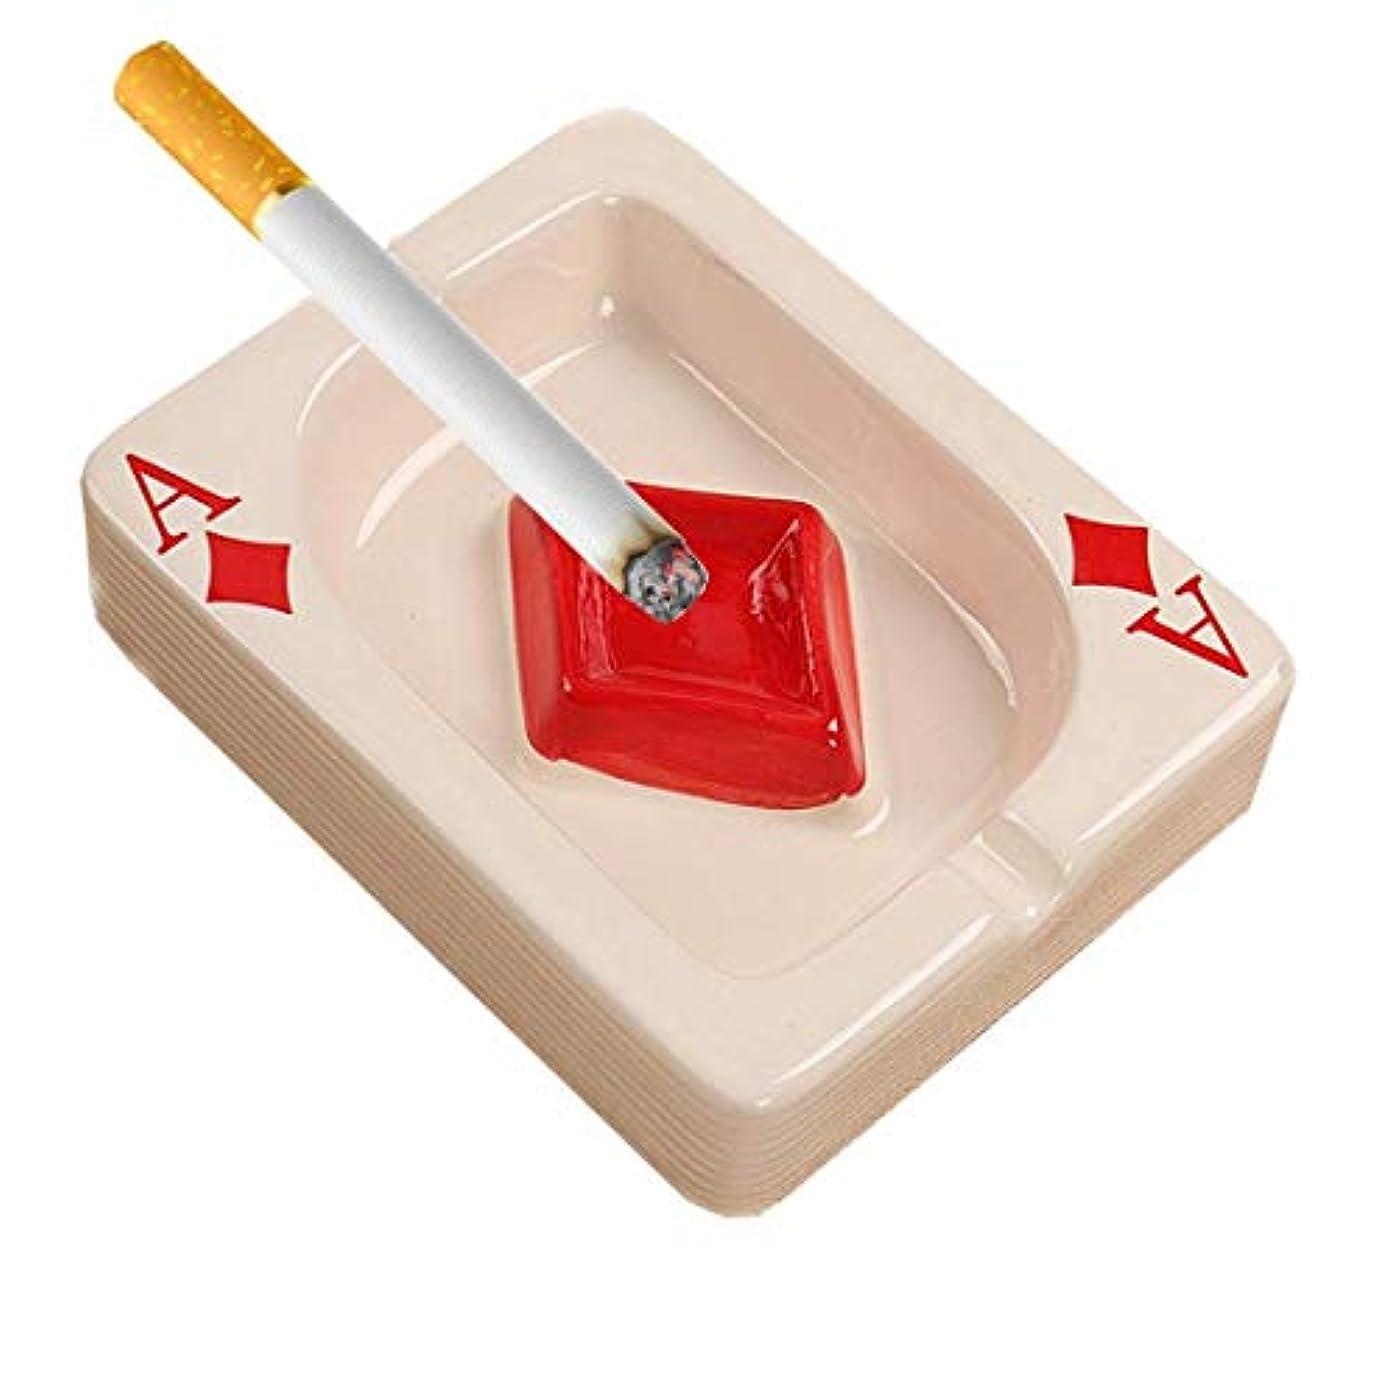 不安定な位置づける協同人々のための灰皿ホームオフィスファッション装飾手作りギフト喫煙屋外屋内デスクトップのためのクリエイティブセラミックたばこの灰皿卓上ポータブル現代灰皿ポーカーシガー灰皿